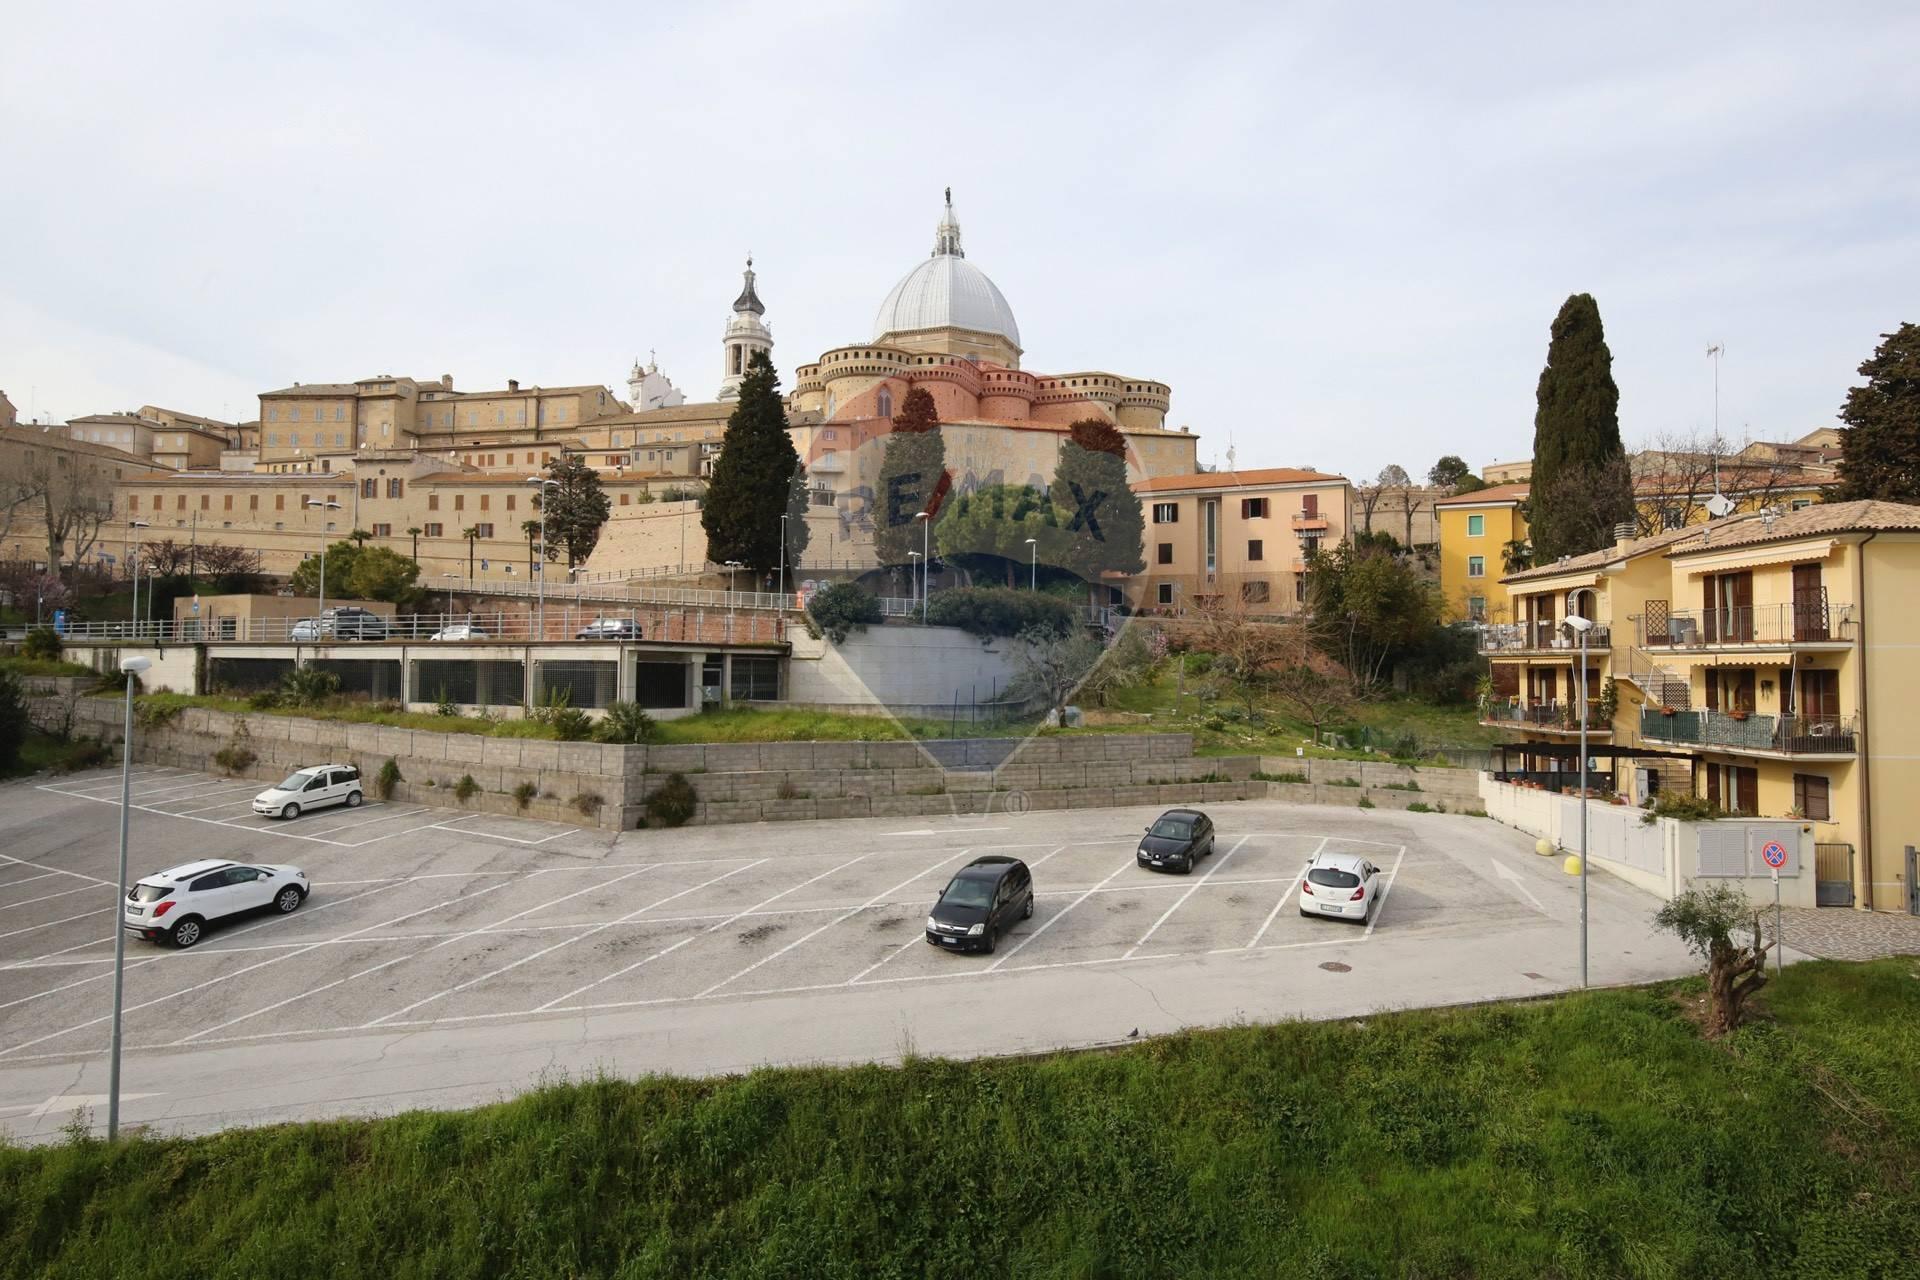 Appartamento in vendita a Loreto, 4 locali, prezzo € 78.000 | CambioCasa.it